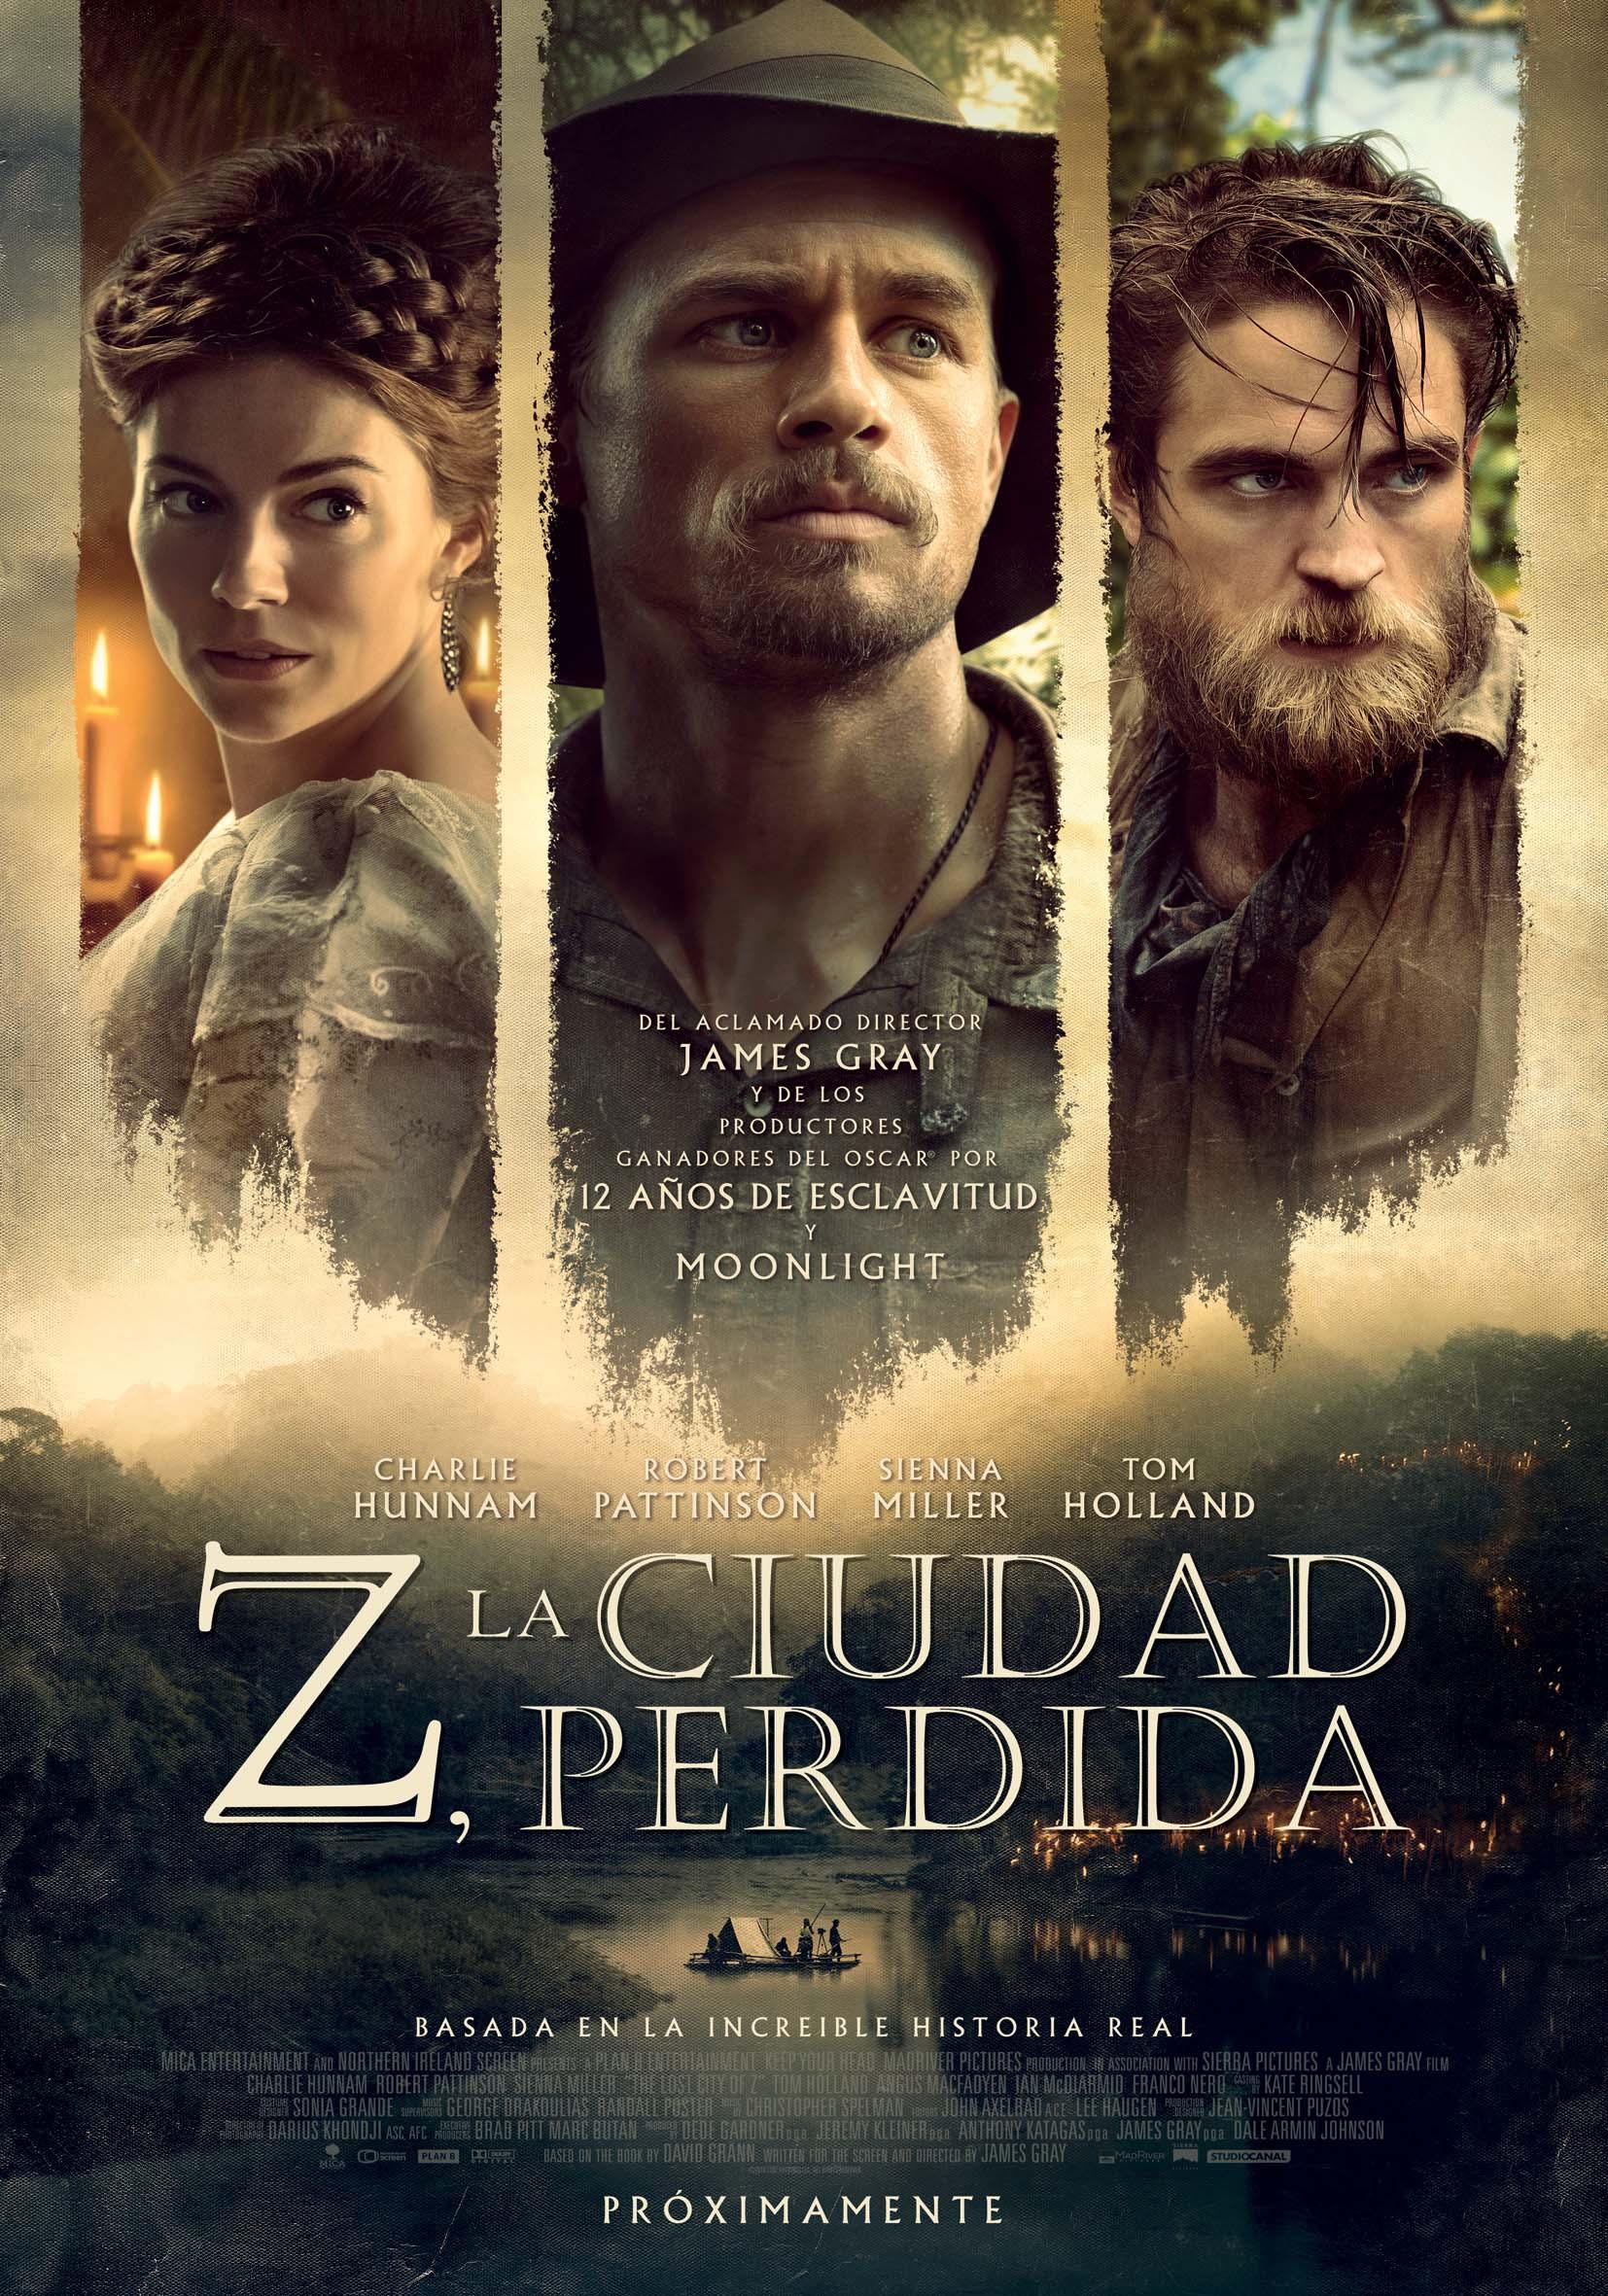 http://www.andesfilms.com.pe/z-la-ciudad-perdida/